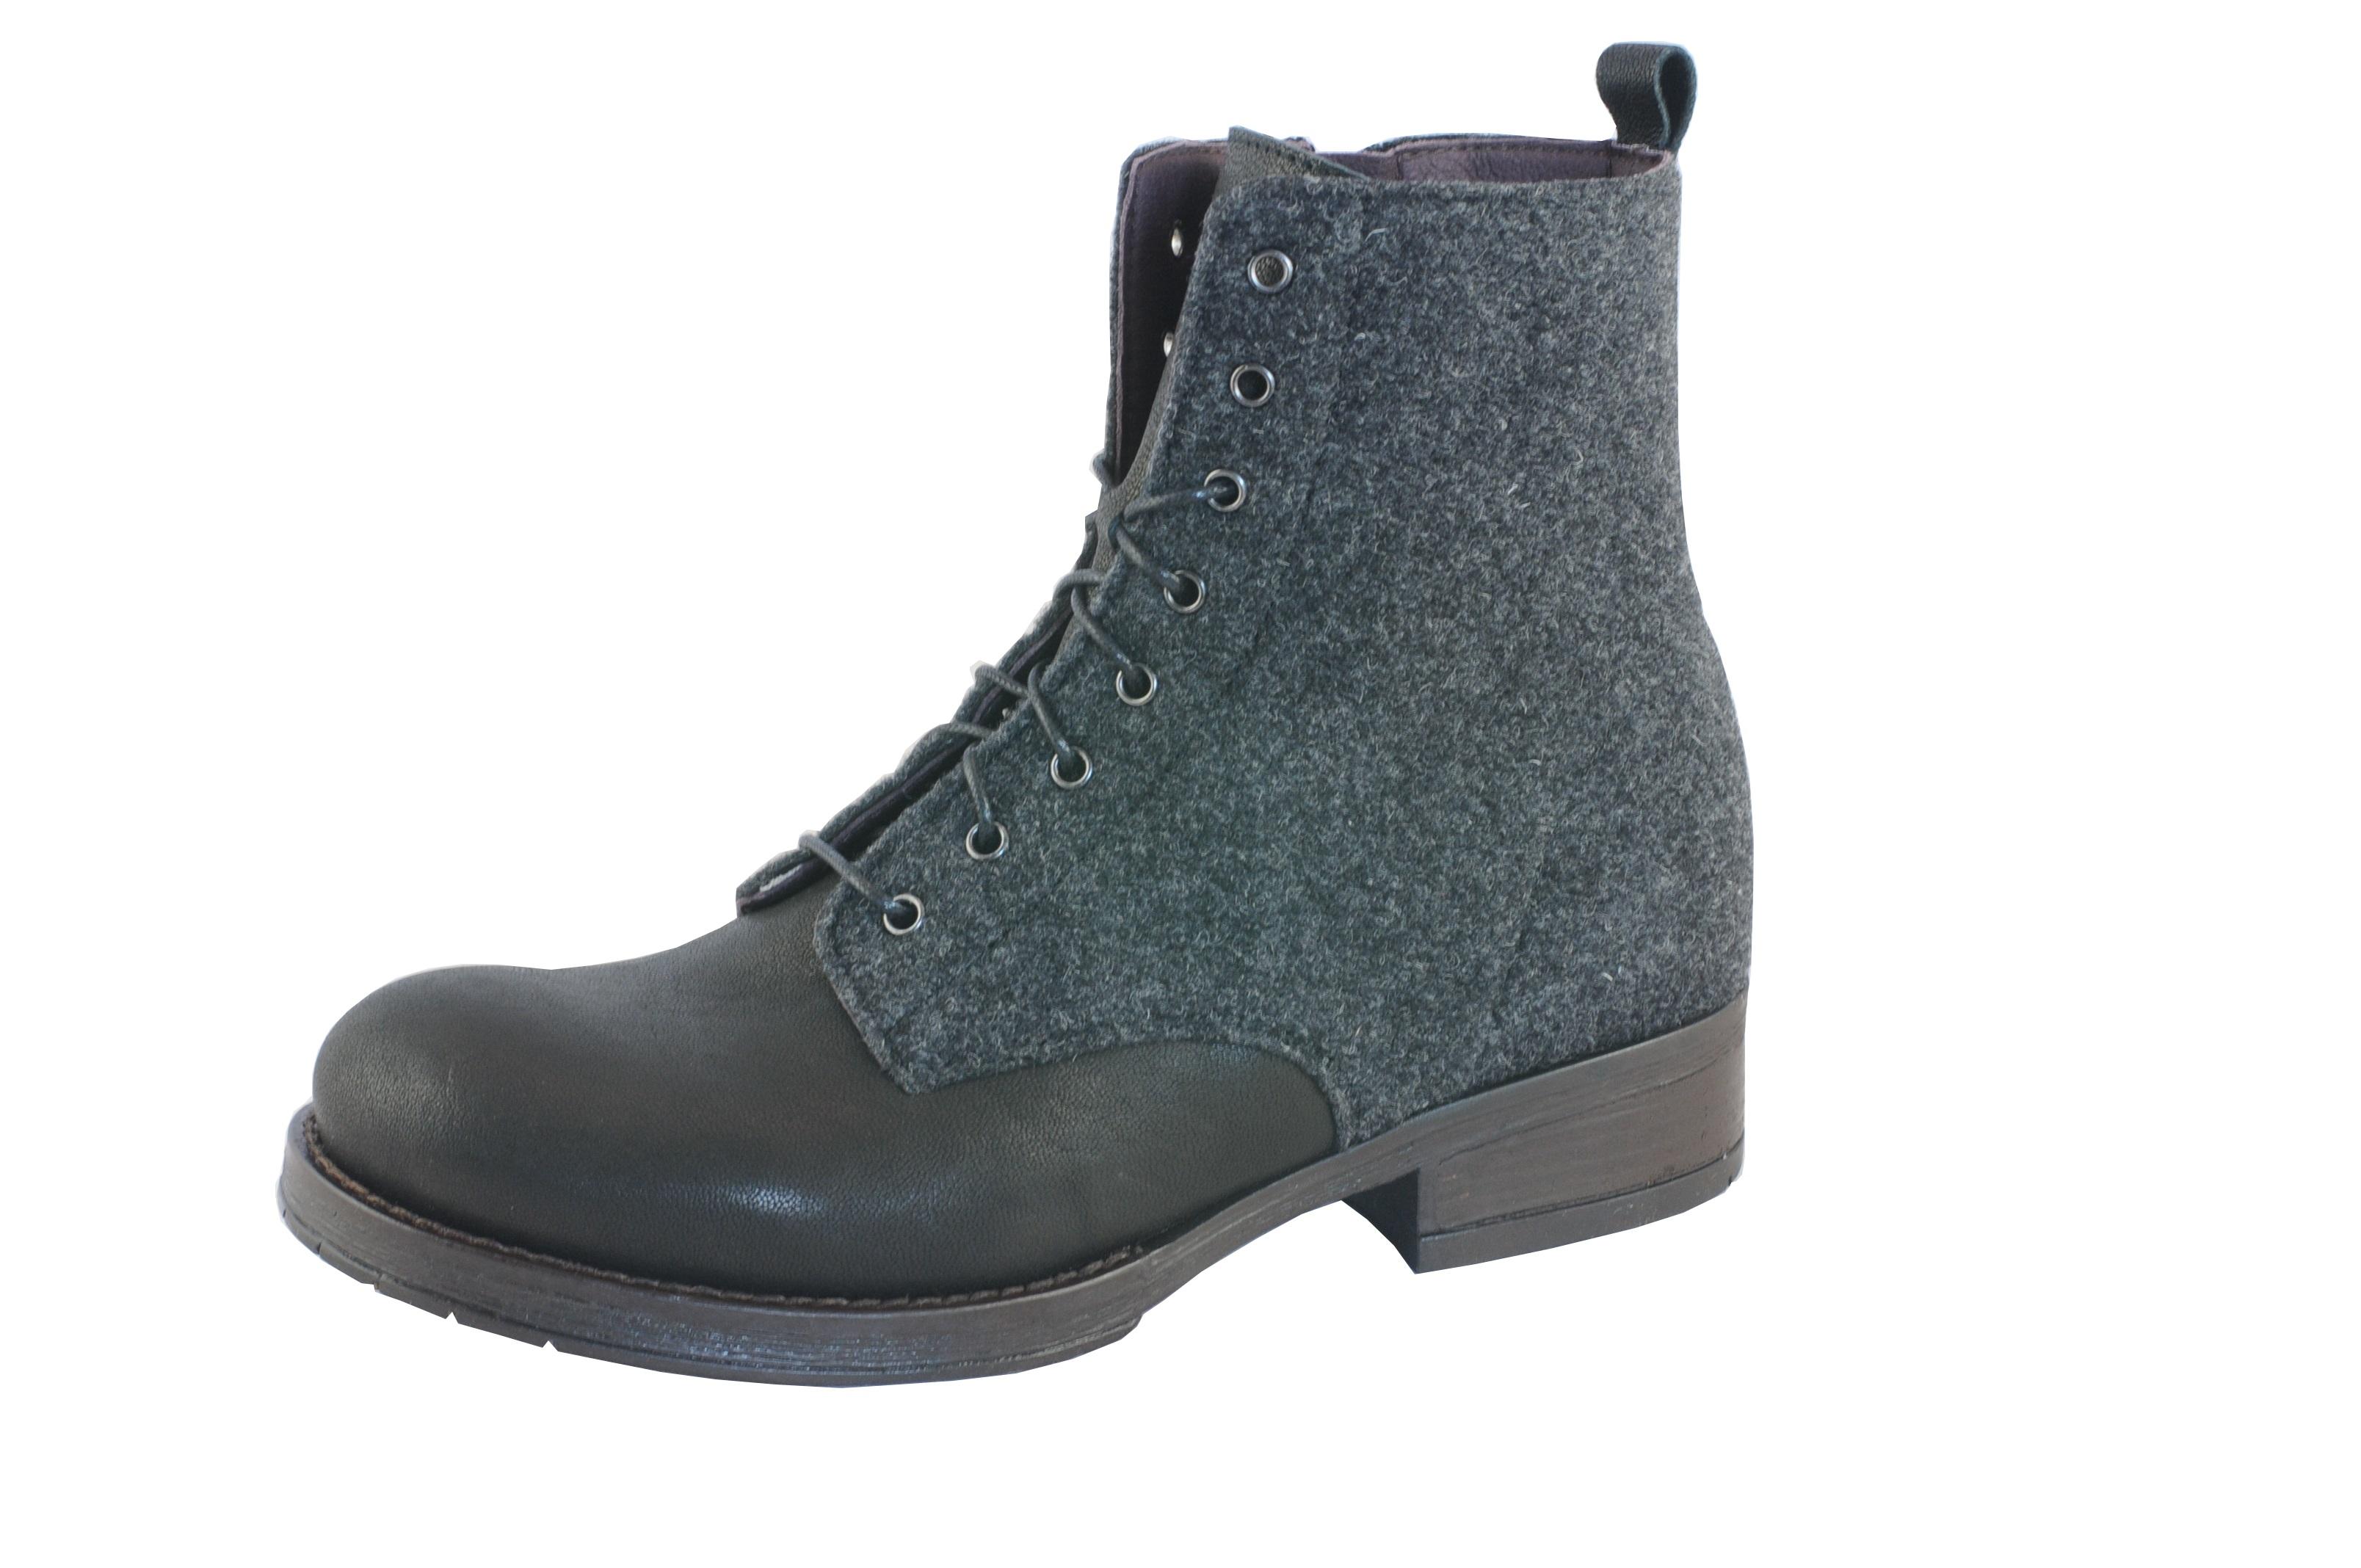 Schuh Ober Brako Damen Stiefel und Stiefeletten online